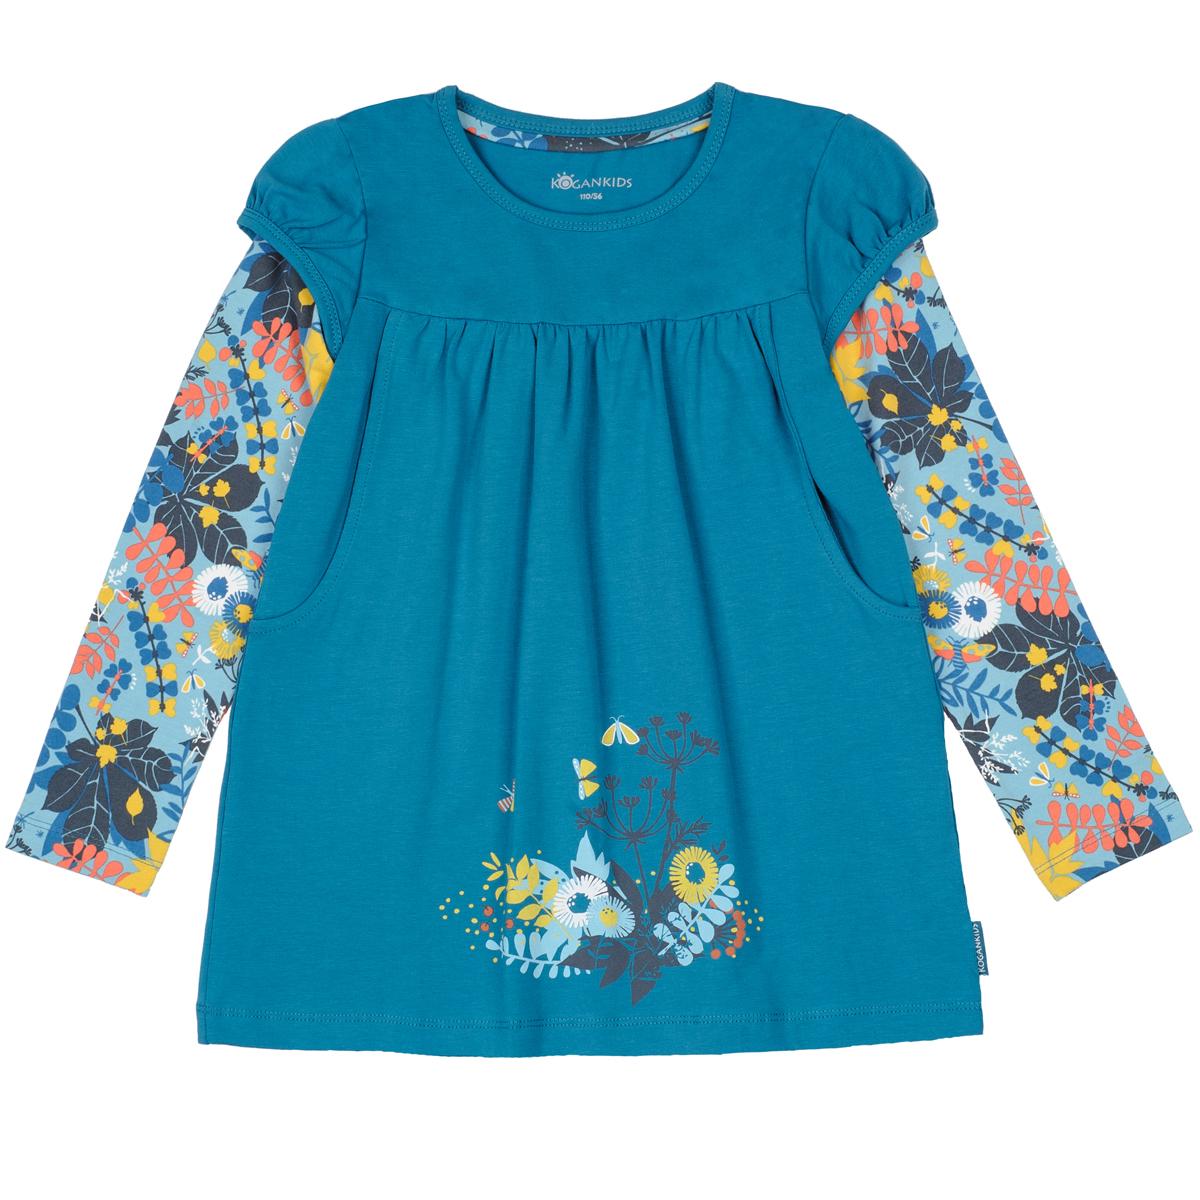 Джемпер KogankidsУдлиненный джемпер для девочки с контрастными рукавами. Рукава-фонарик, милый принт, боковые карманы. Можно носить с леггинсами или как платье. Для маленьких размеров 80-98 предусмотрена плечевая застежка на кнопки для удобства одевания.<br>Размер: 104, 110, 116, 122, 128, 134, 140, 80, 86, 92, 98; Цвет: Синий;